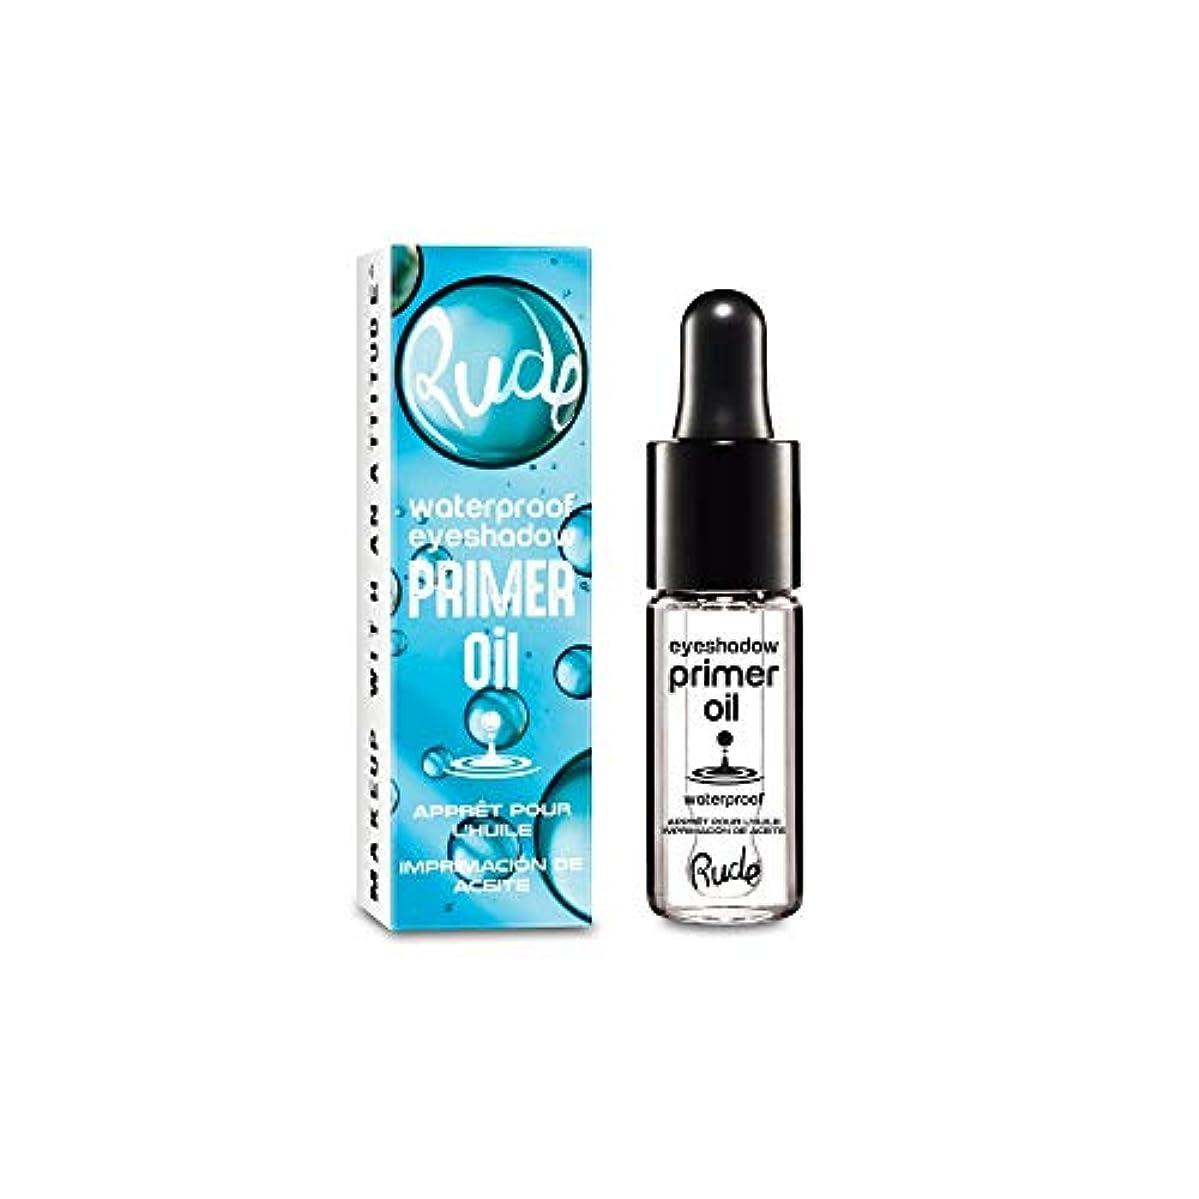 分子古くなったさびた(6 Pack) RUDE Waterproof Eyeshadow Primer Oil (並行輸入品)